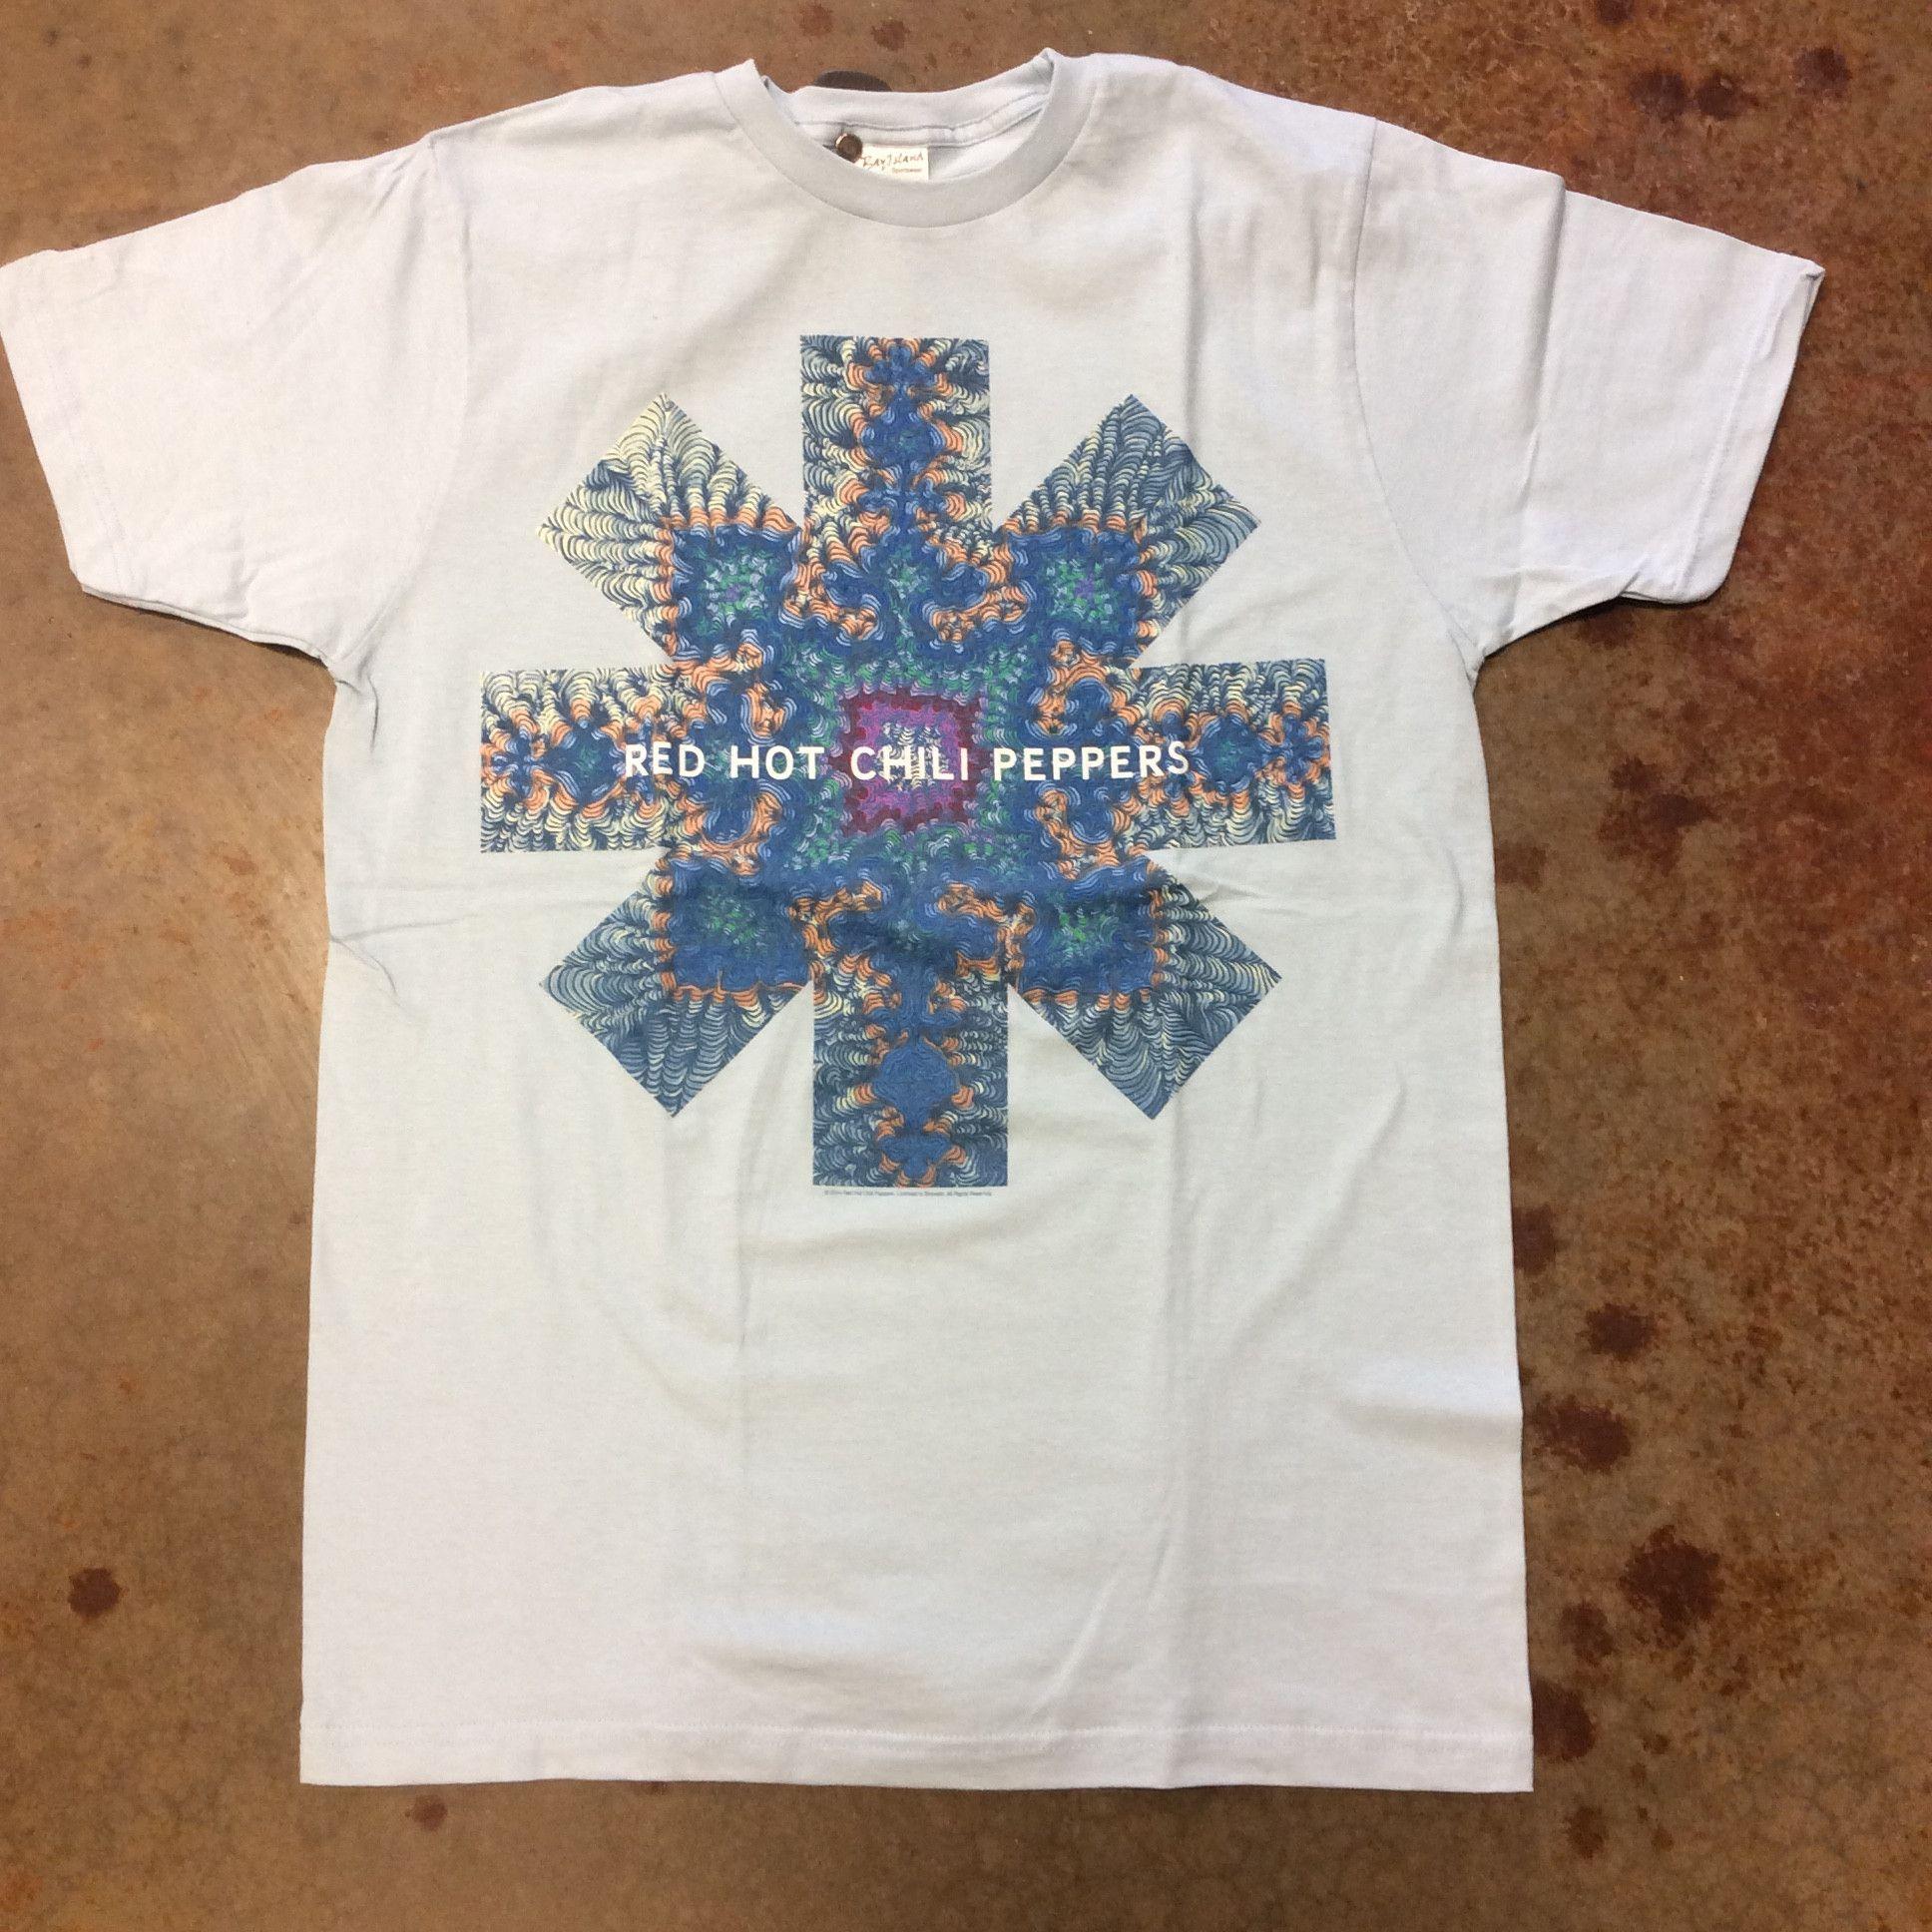 Kaleidoscope Trees Printed T-Shirt rlgiWTK